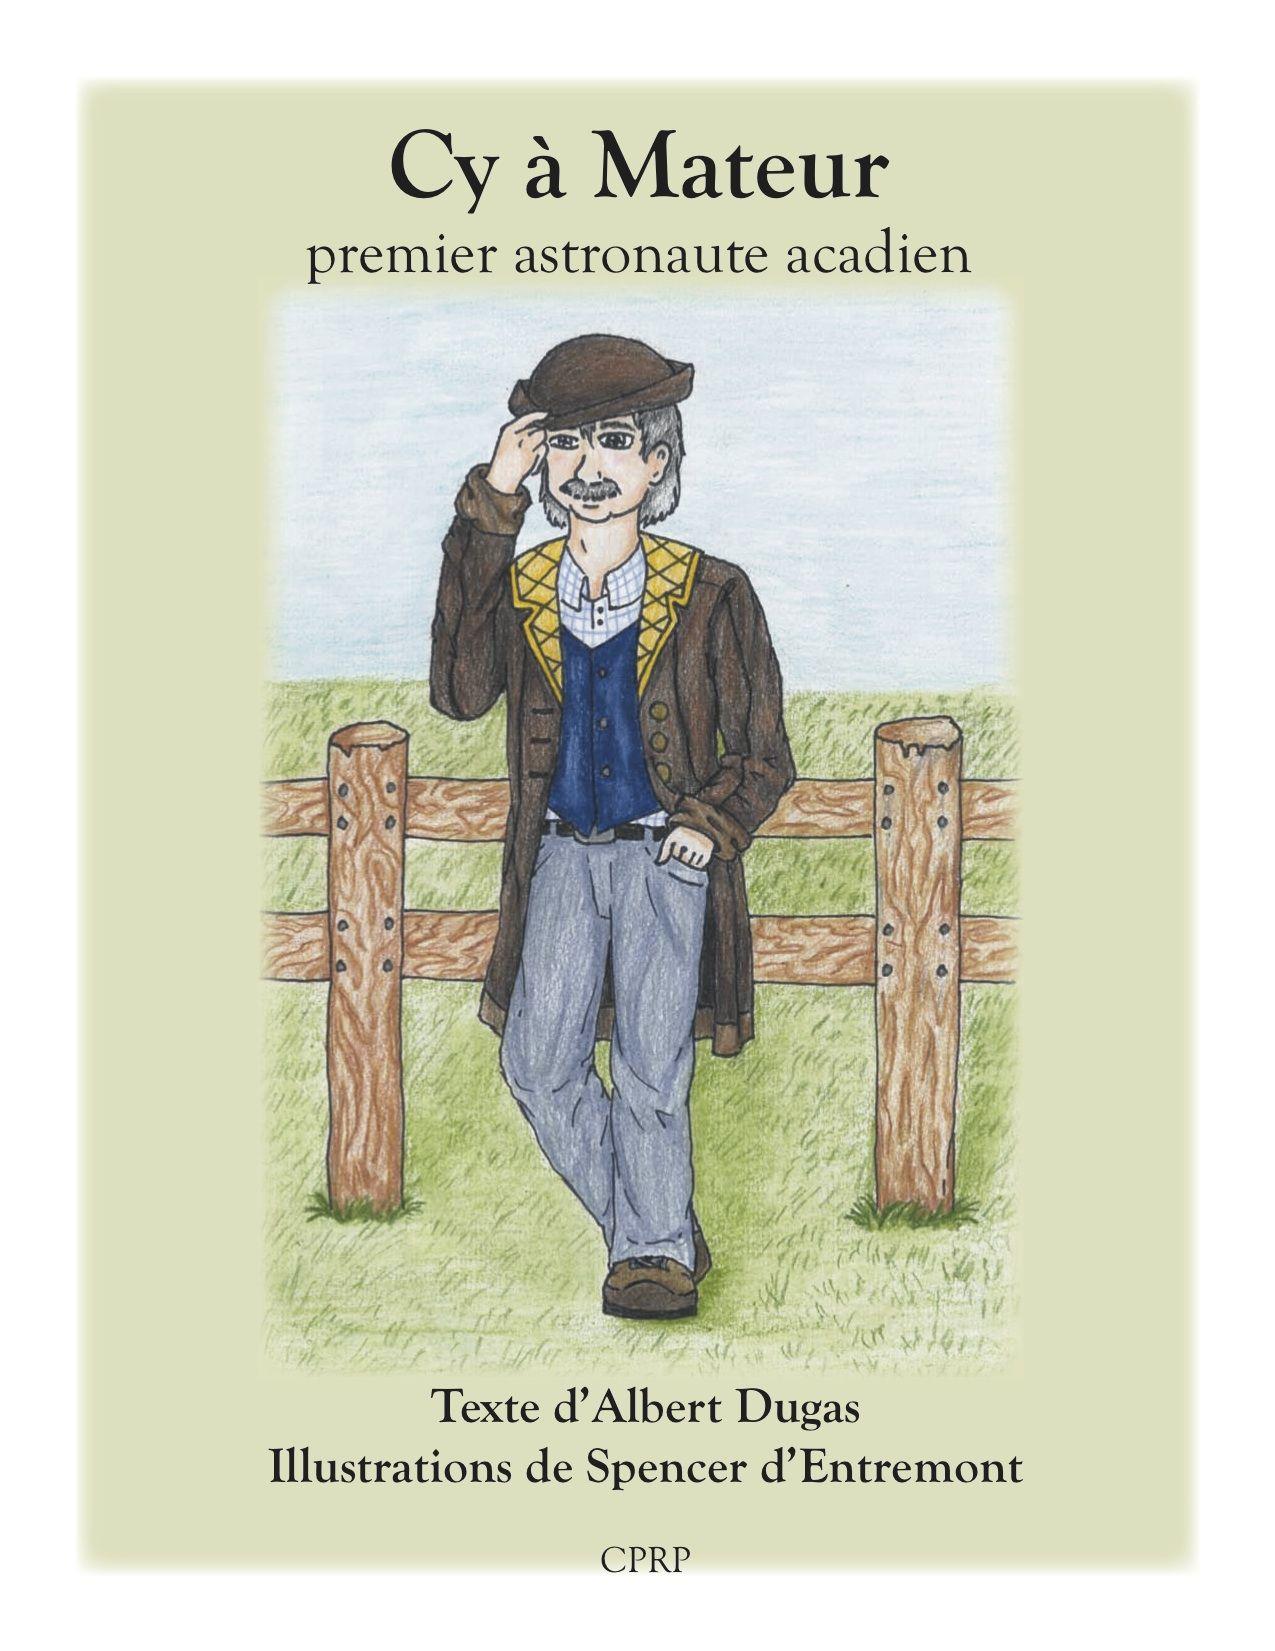 31997000946251    Cy à Mateur fait partie des légendes acadiennes de la Baie Sainte-Marie en Nouvelle-Écosse. Ce livre présente les aventures de cet homme mystérieux.